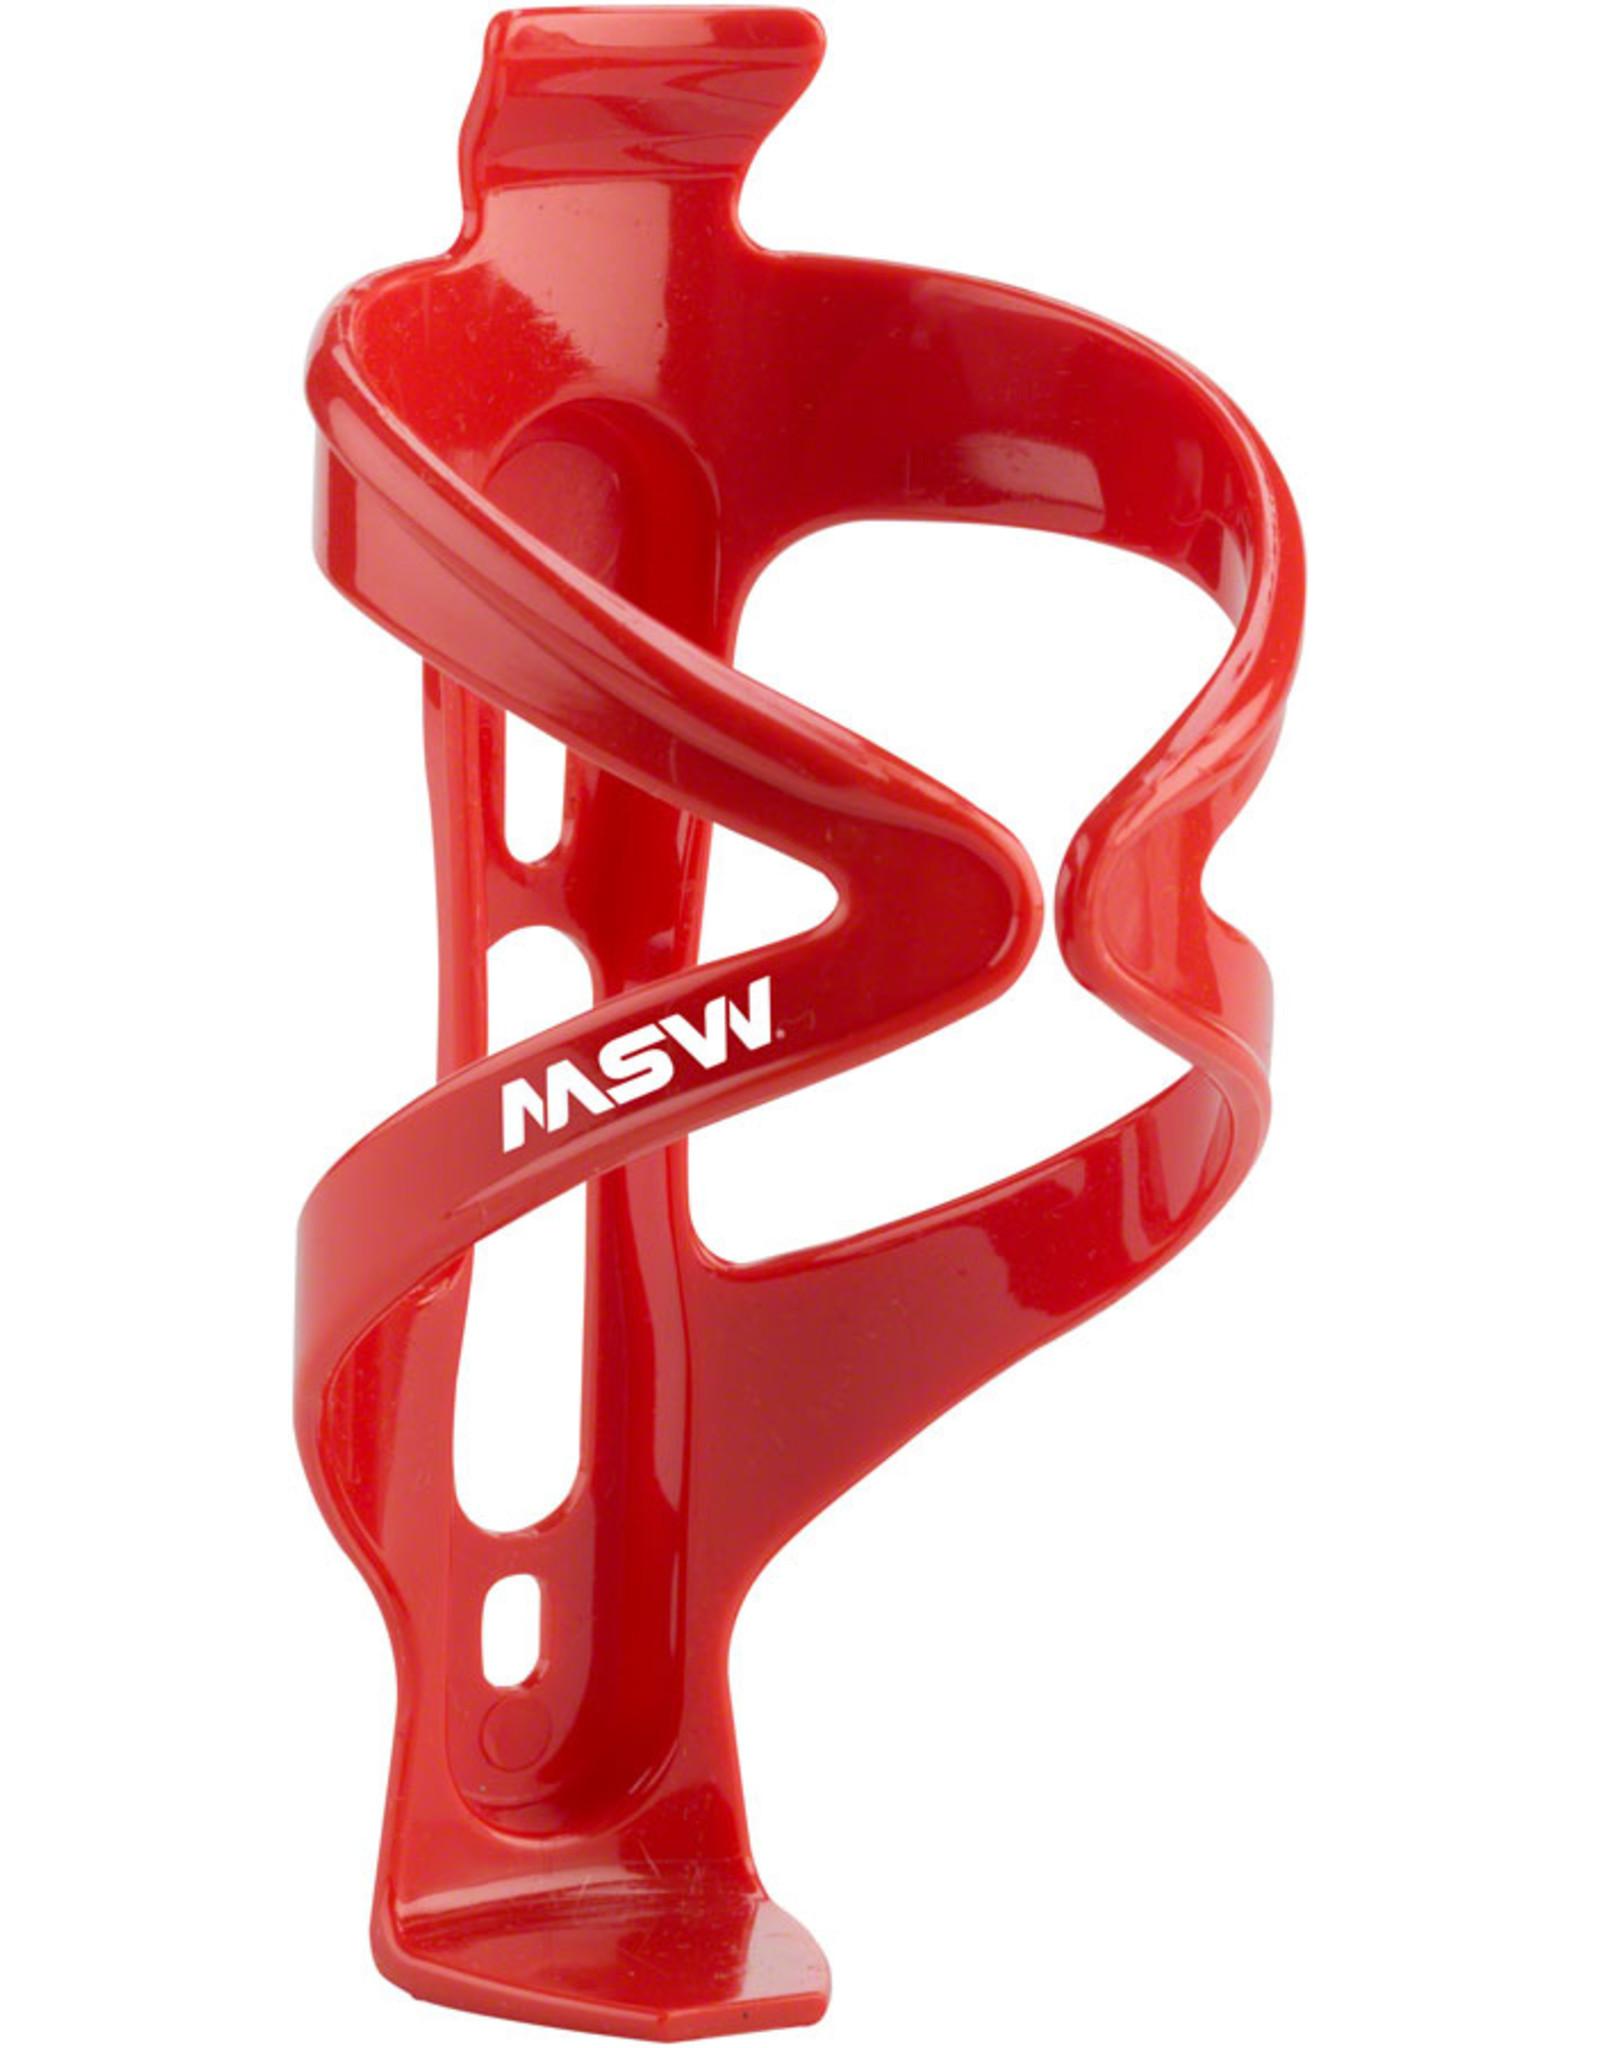 Porte bidon MSW PC-150